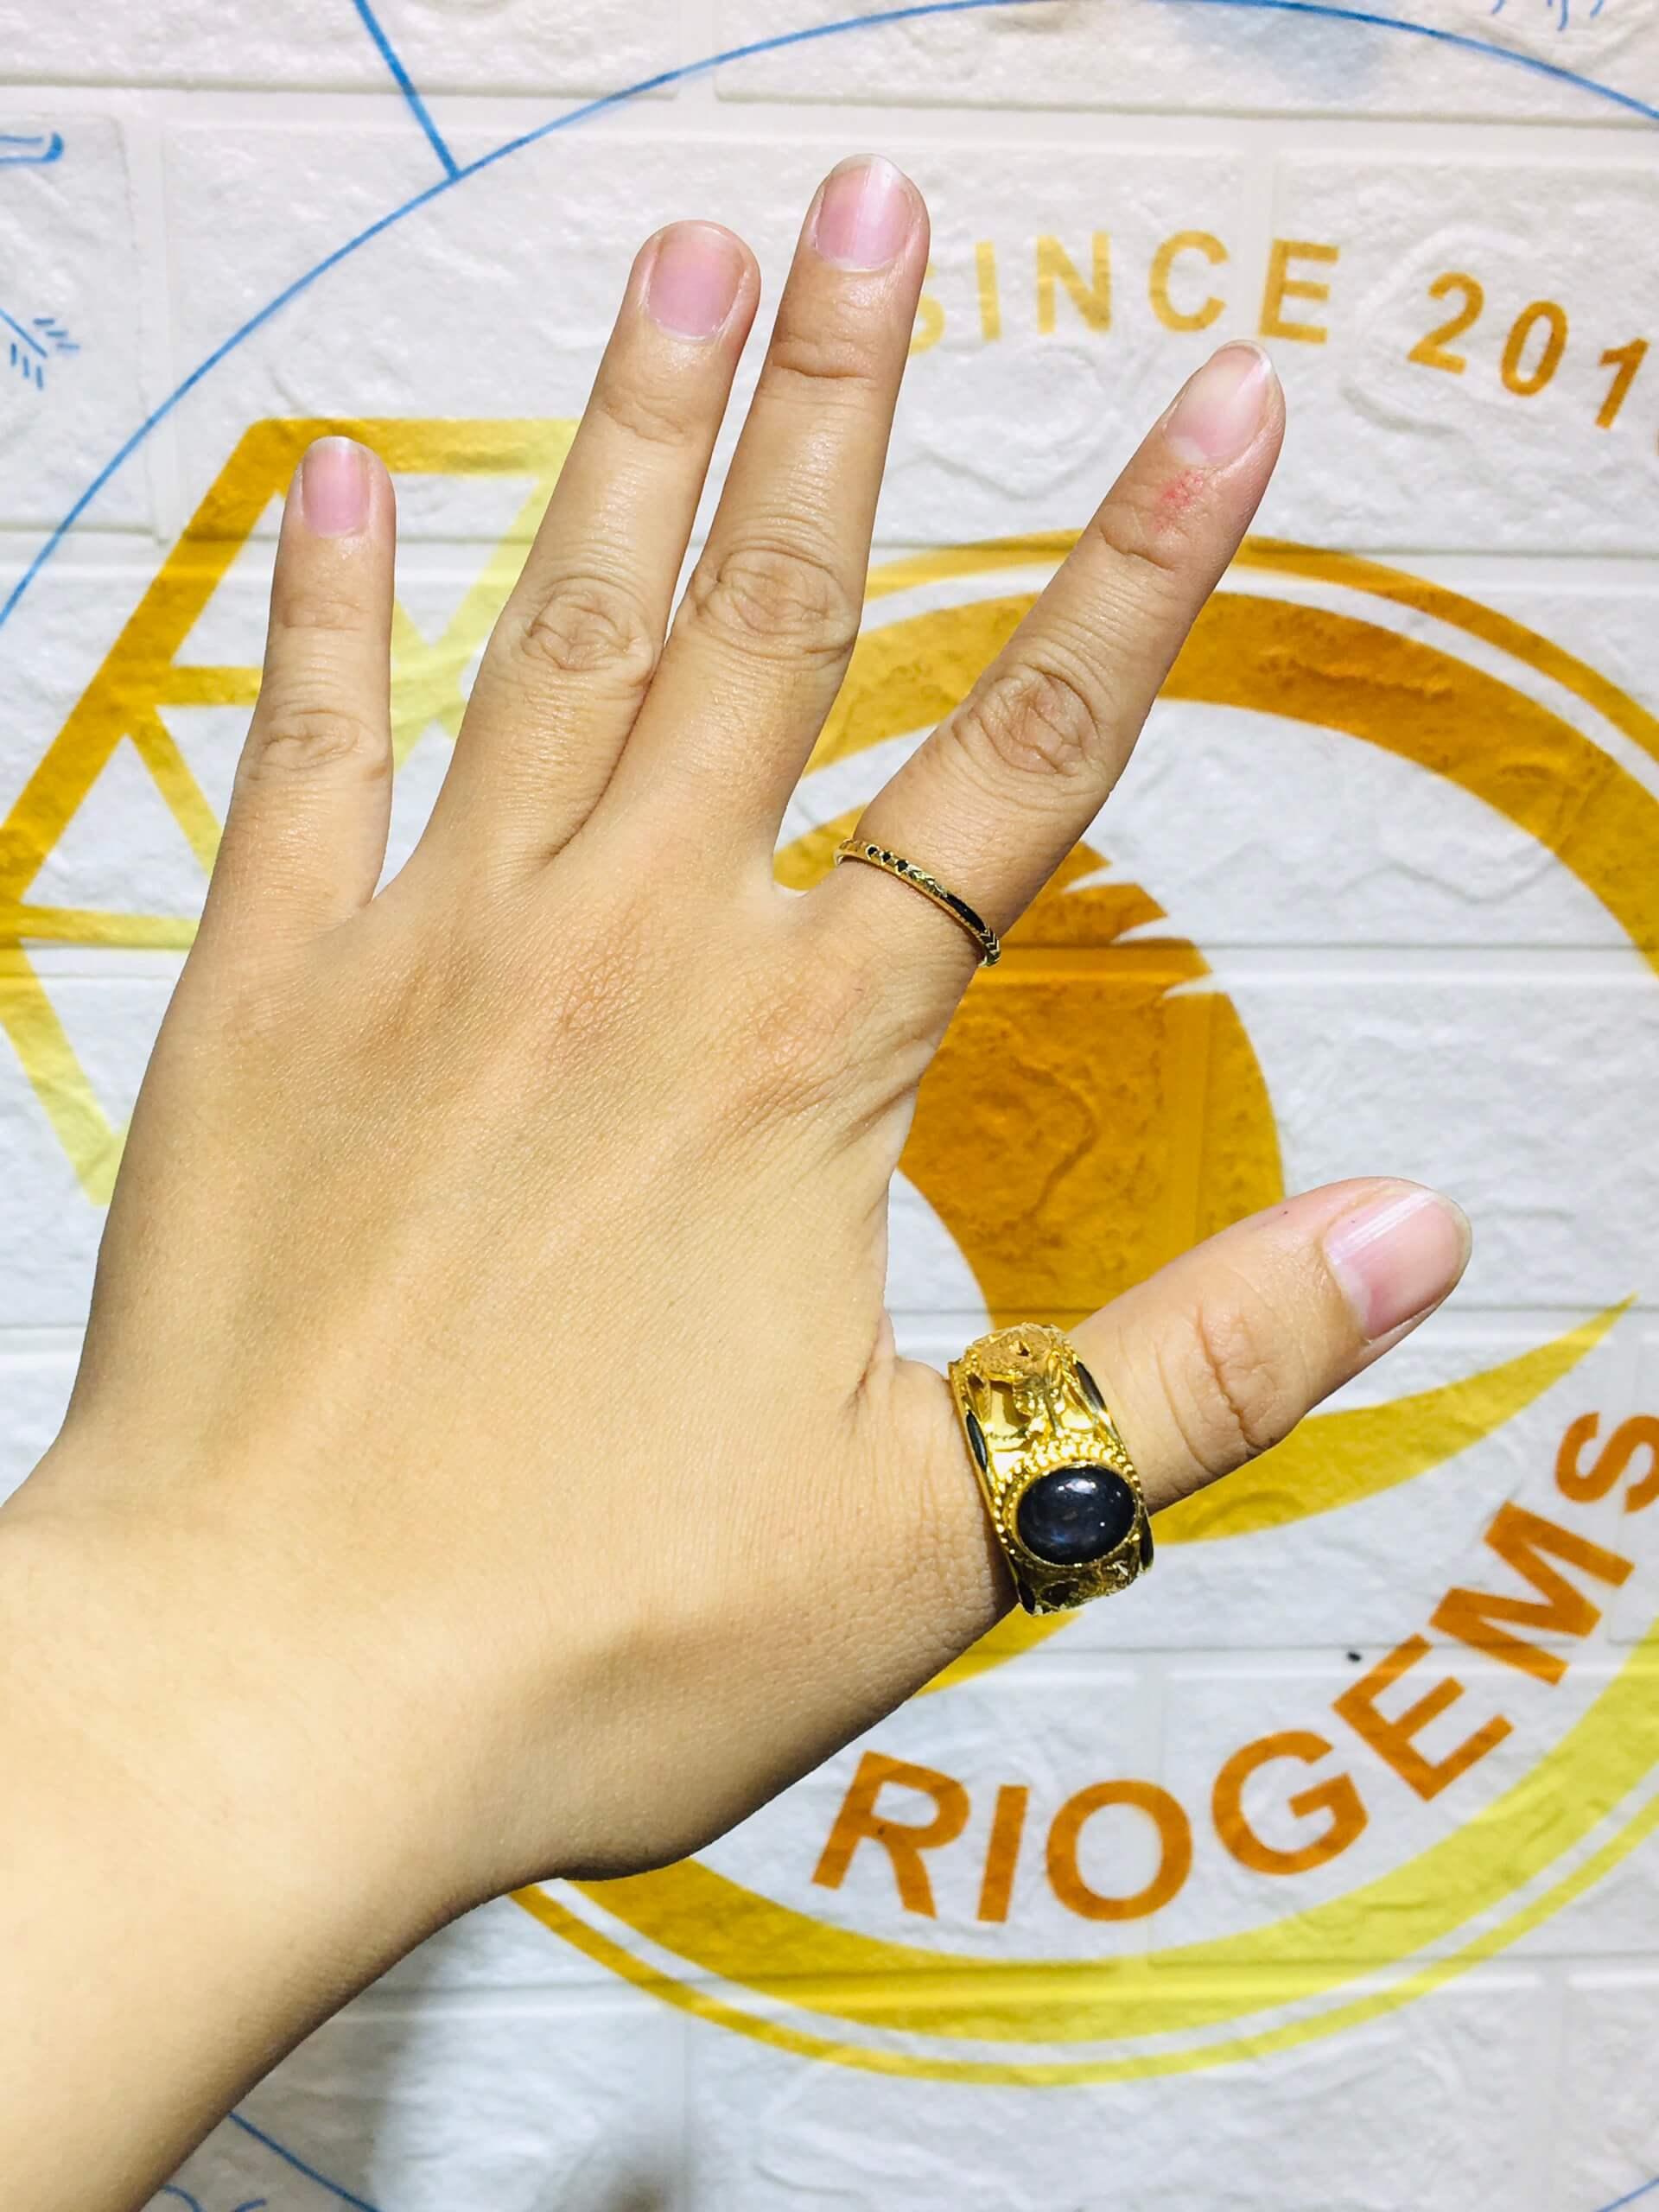 Nhan-vang-Rong-Rong-tranh-ngoc-Sapphire-den-Riogems